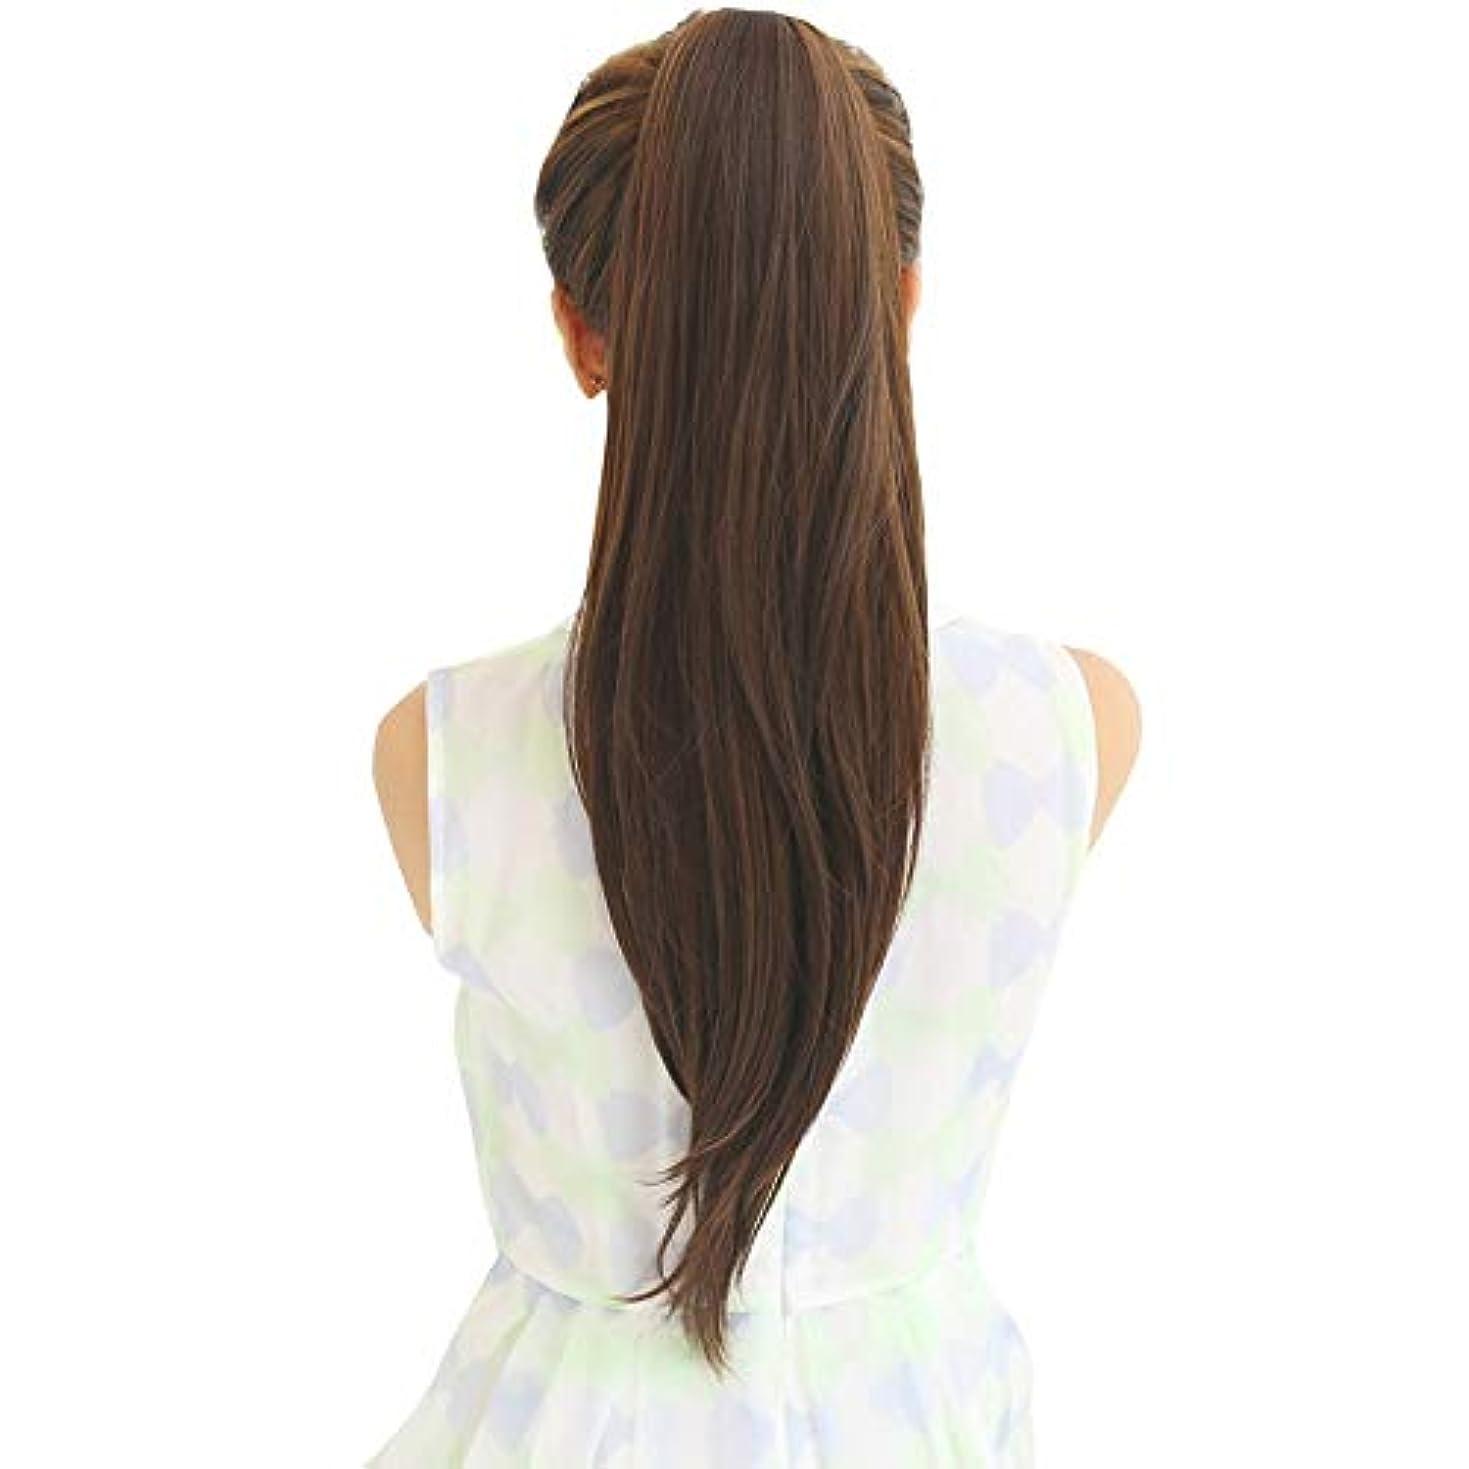 神経衰弱コンテンポラリー共同選択SRY-Wigファッション ウィッグポニーテール女性ロングストレートヘアバンドリアルヘアロングヘアインビジブルナチュラルスコーピオン完全な人間の髪の毛